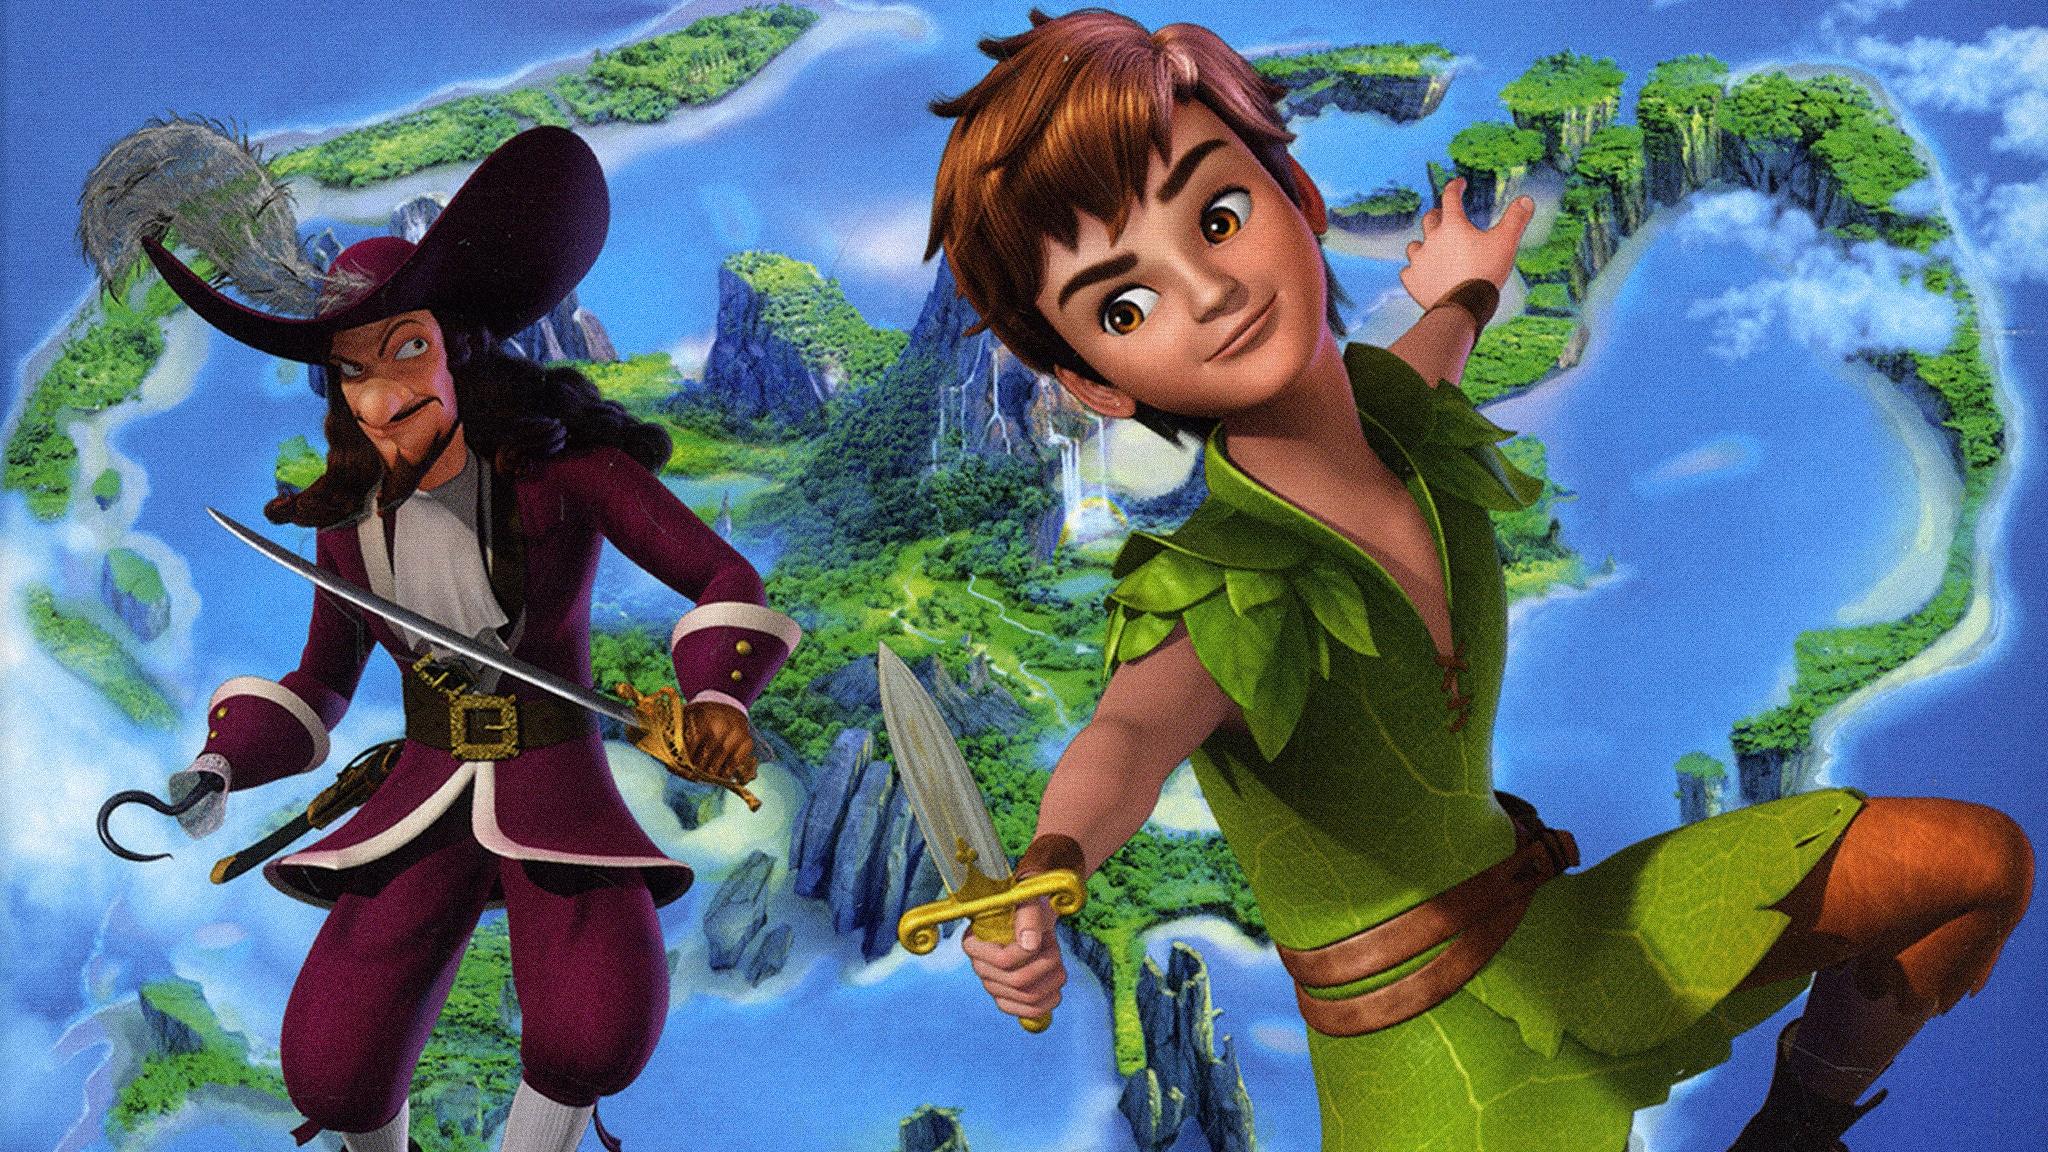 Rai Gulp Le nuove avventure di Peter Pan - S2E1 - Il sestante magico